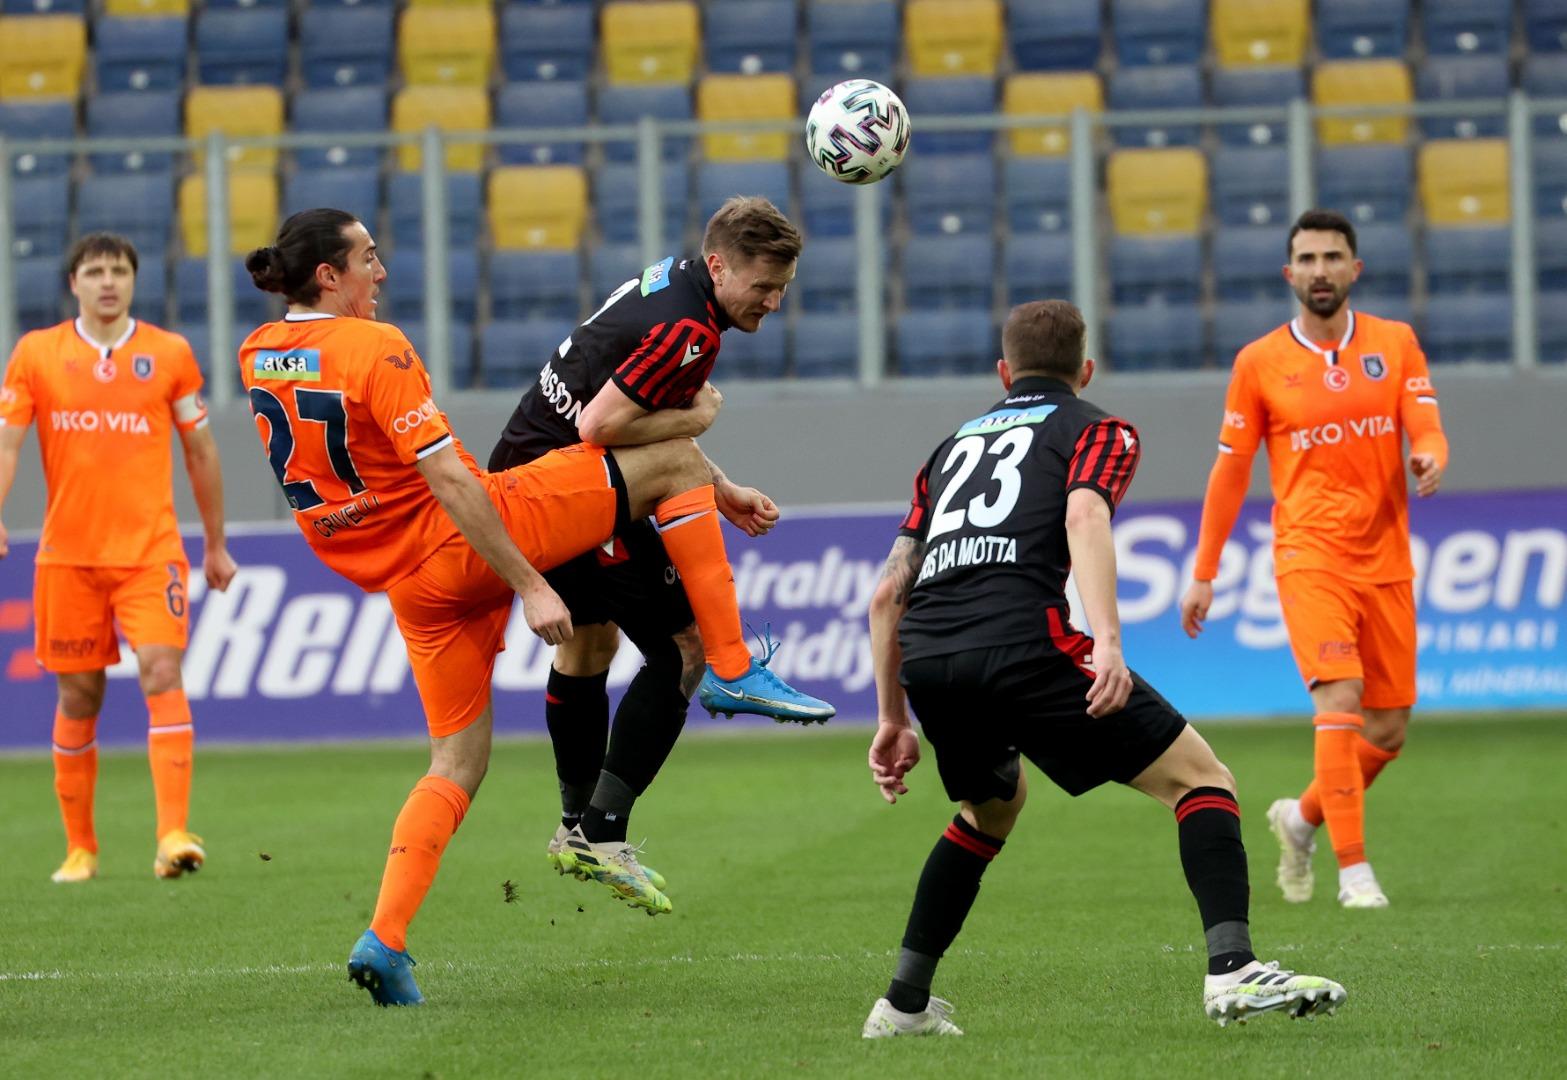 Gençlerbirliği'nin galibiyet hasreti 11 maça çıktı